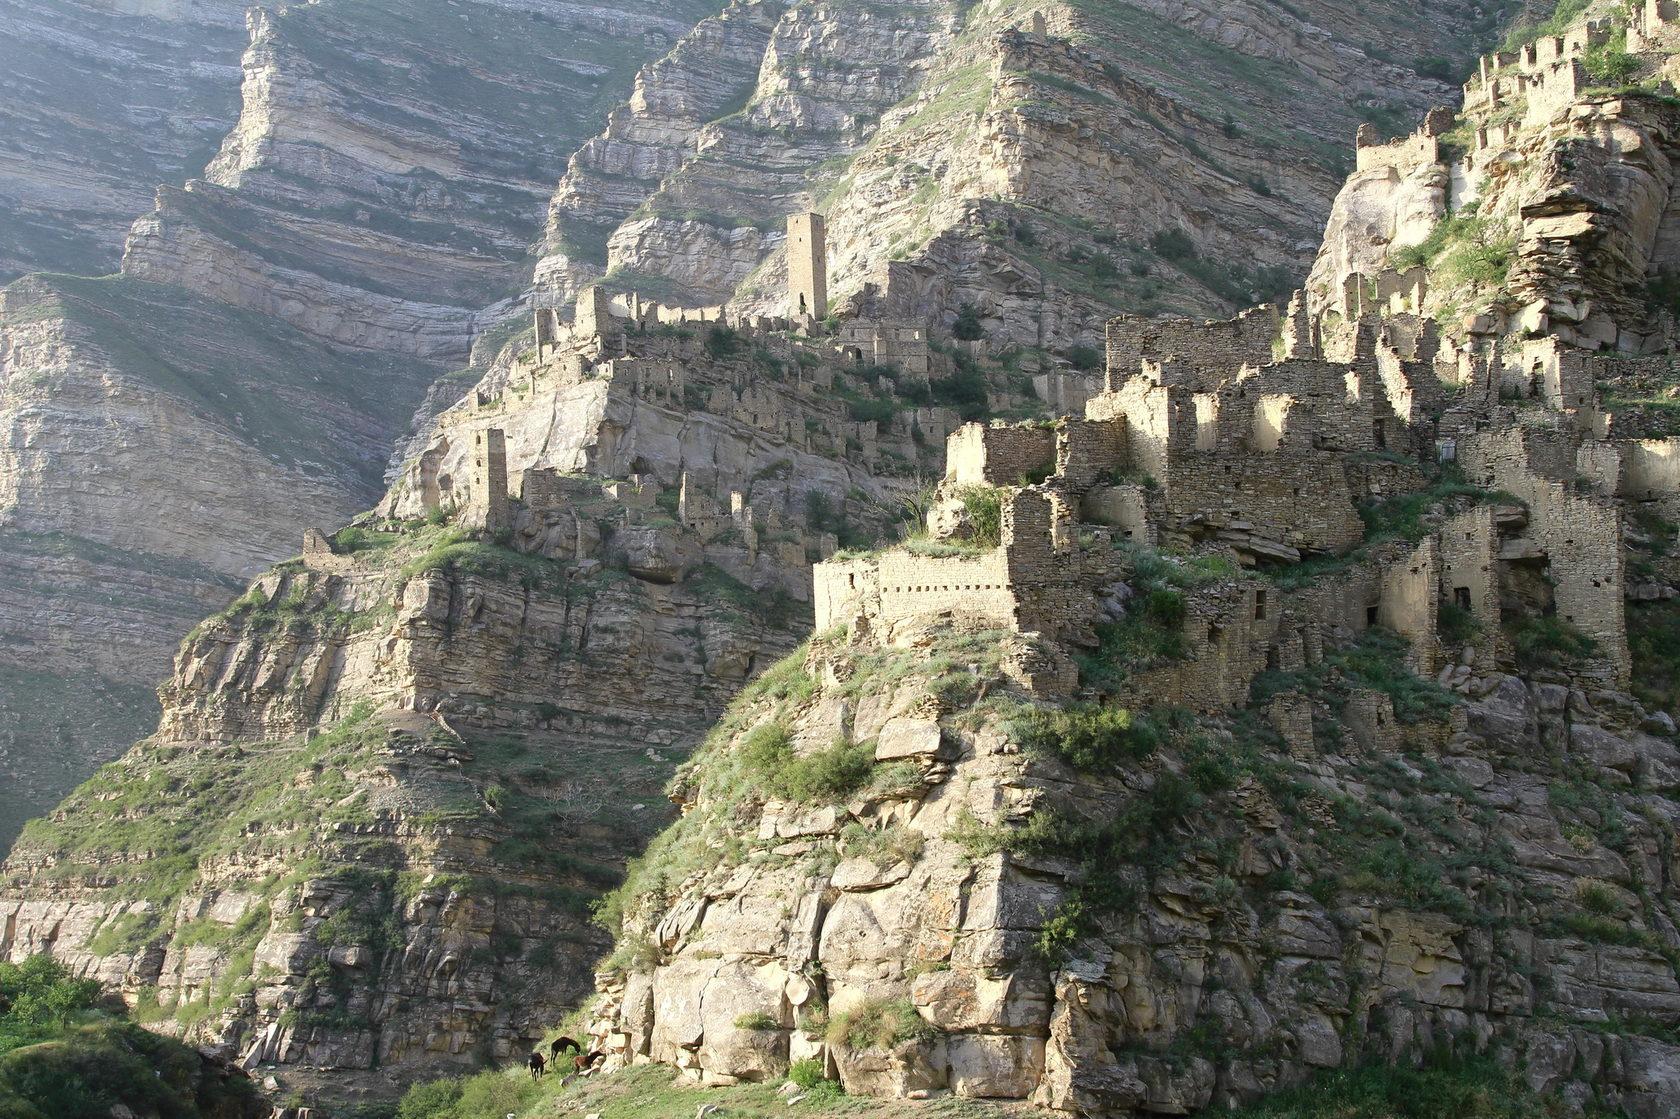 Фото жирные горы хуеры чечня дагестан